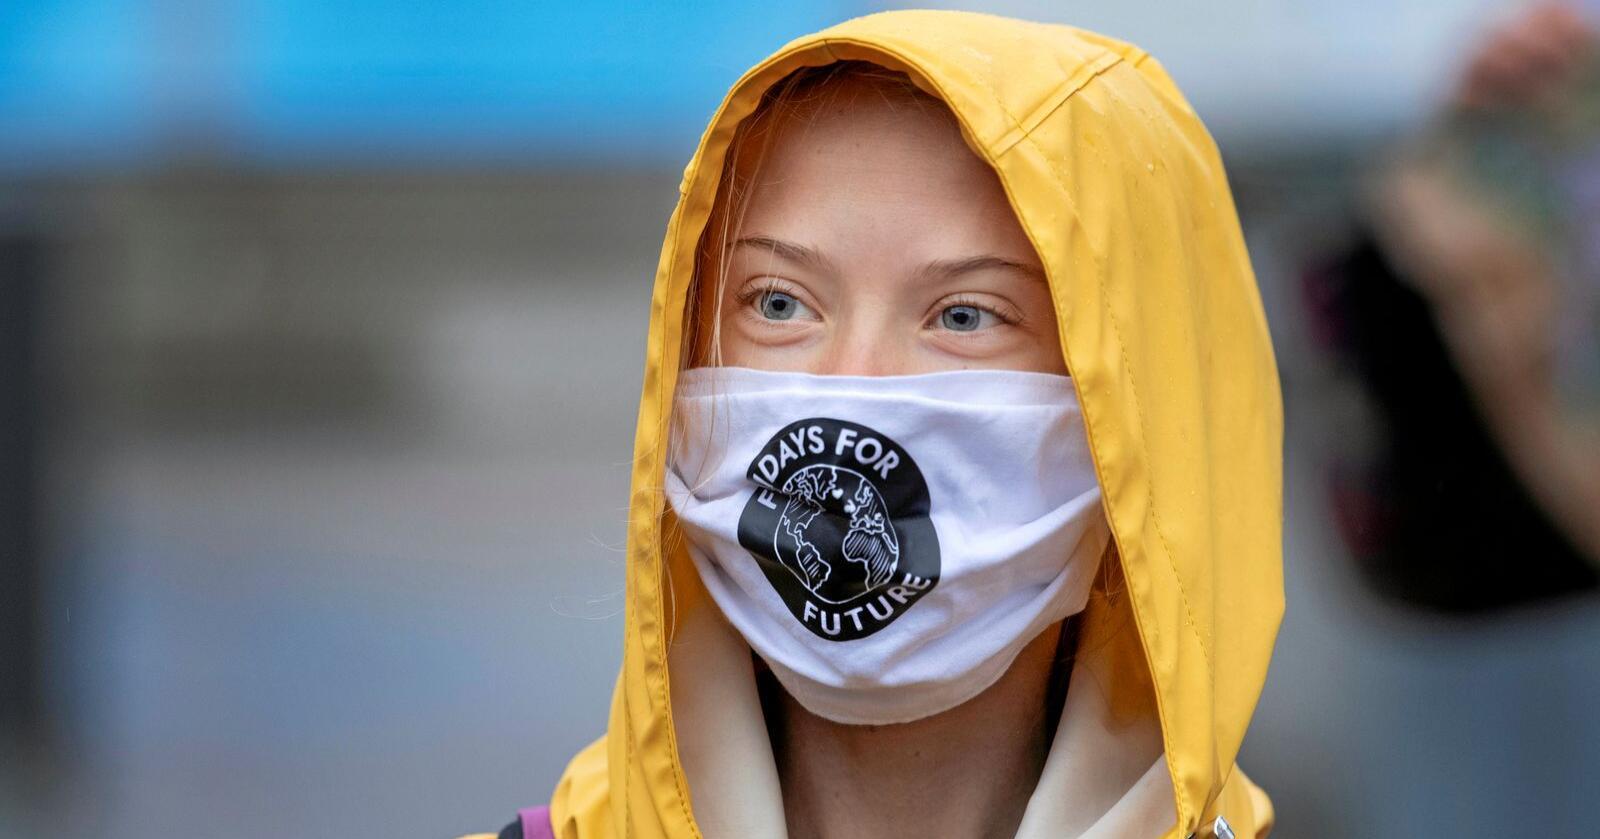 Klimaaktivisten Greta Thunberg er blant dem som har kritisert den nye landbrukspolitikken EU vedtok fredag. Foto: Jessica Gow/TT/AP